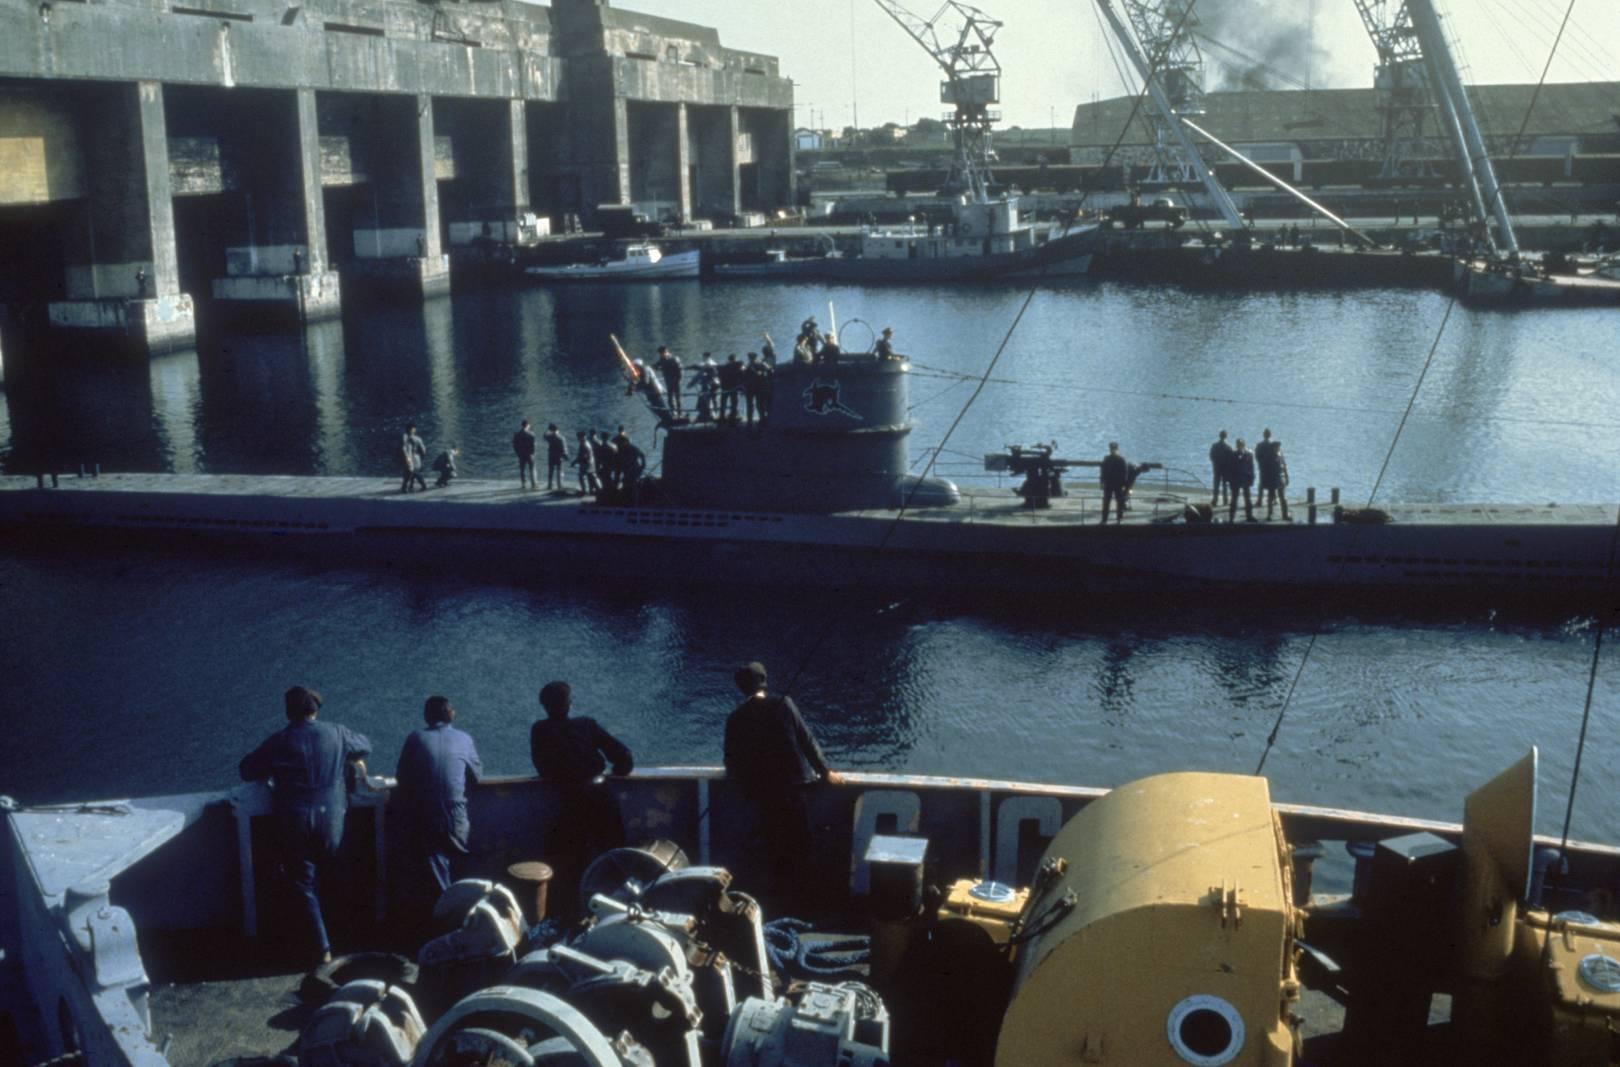 лучшие фотографии подводных лодок